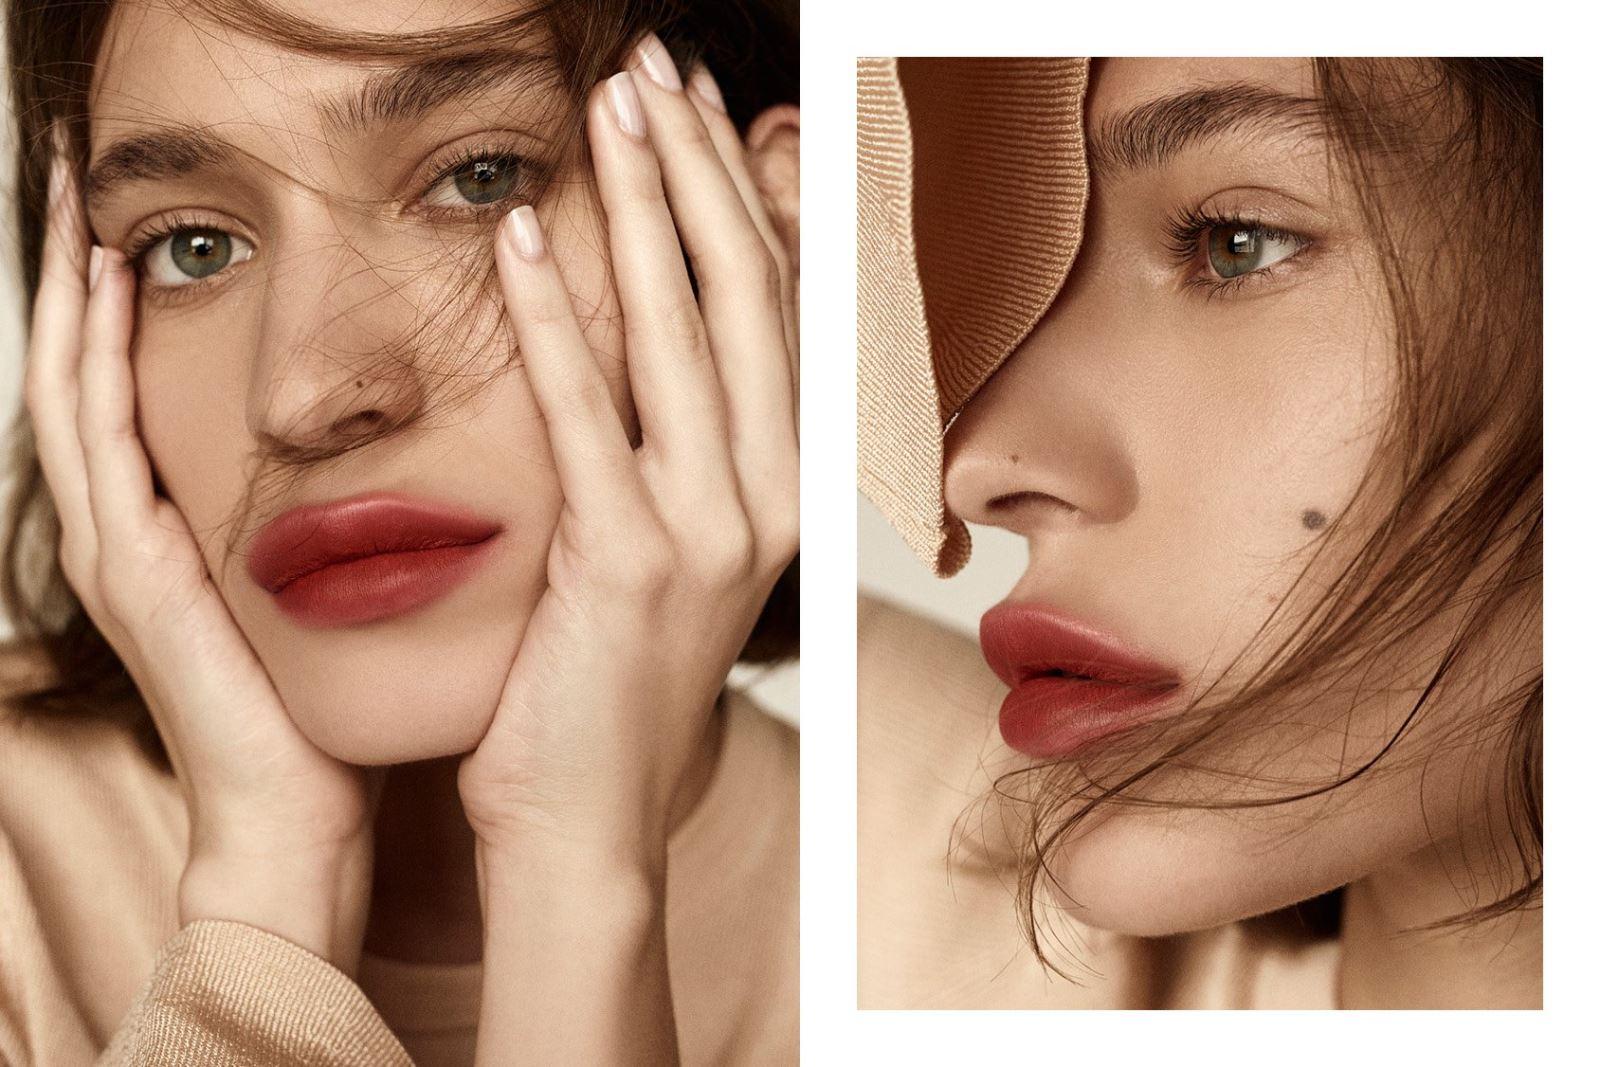 Thử ngay cách đánh son lem viền nếu bạn muốn có đôi môi ngọt ngào, gợi cảm